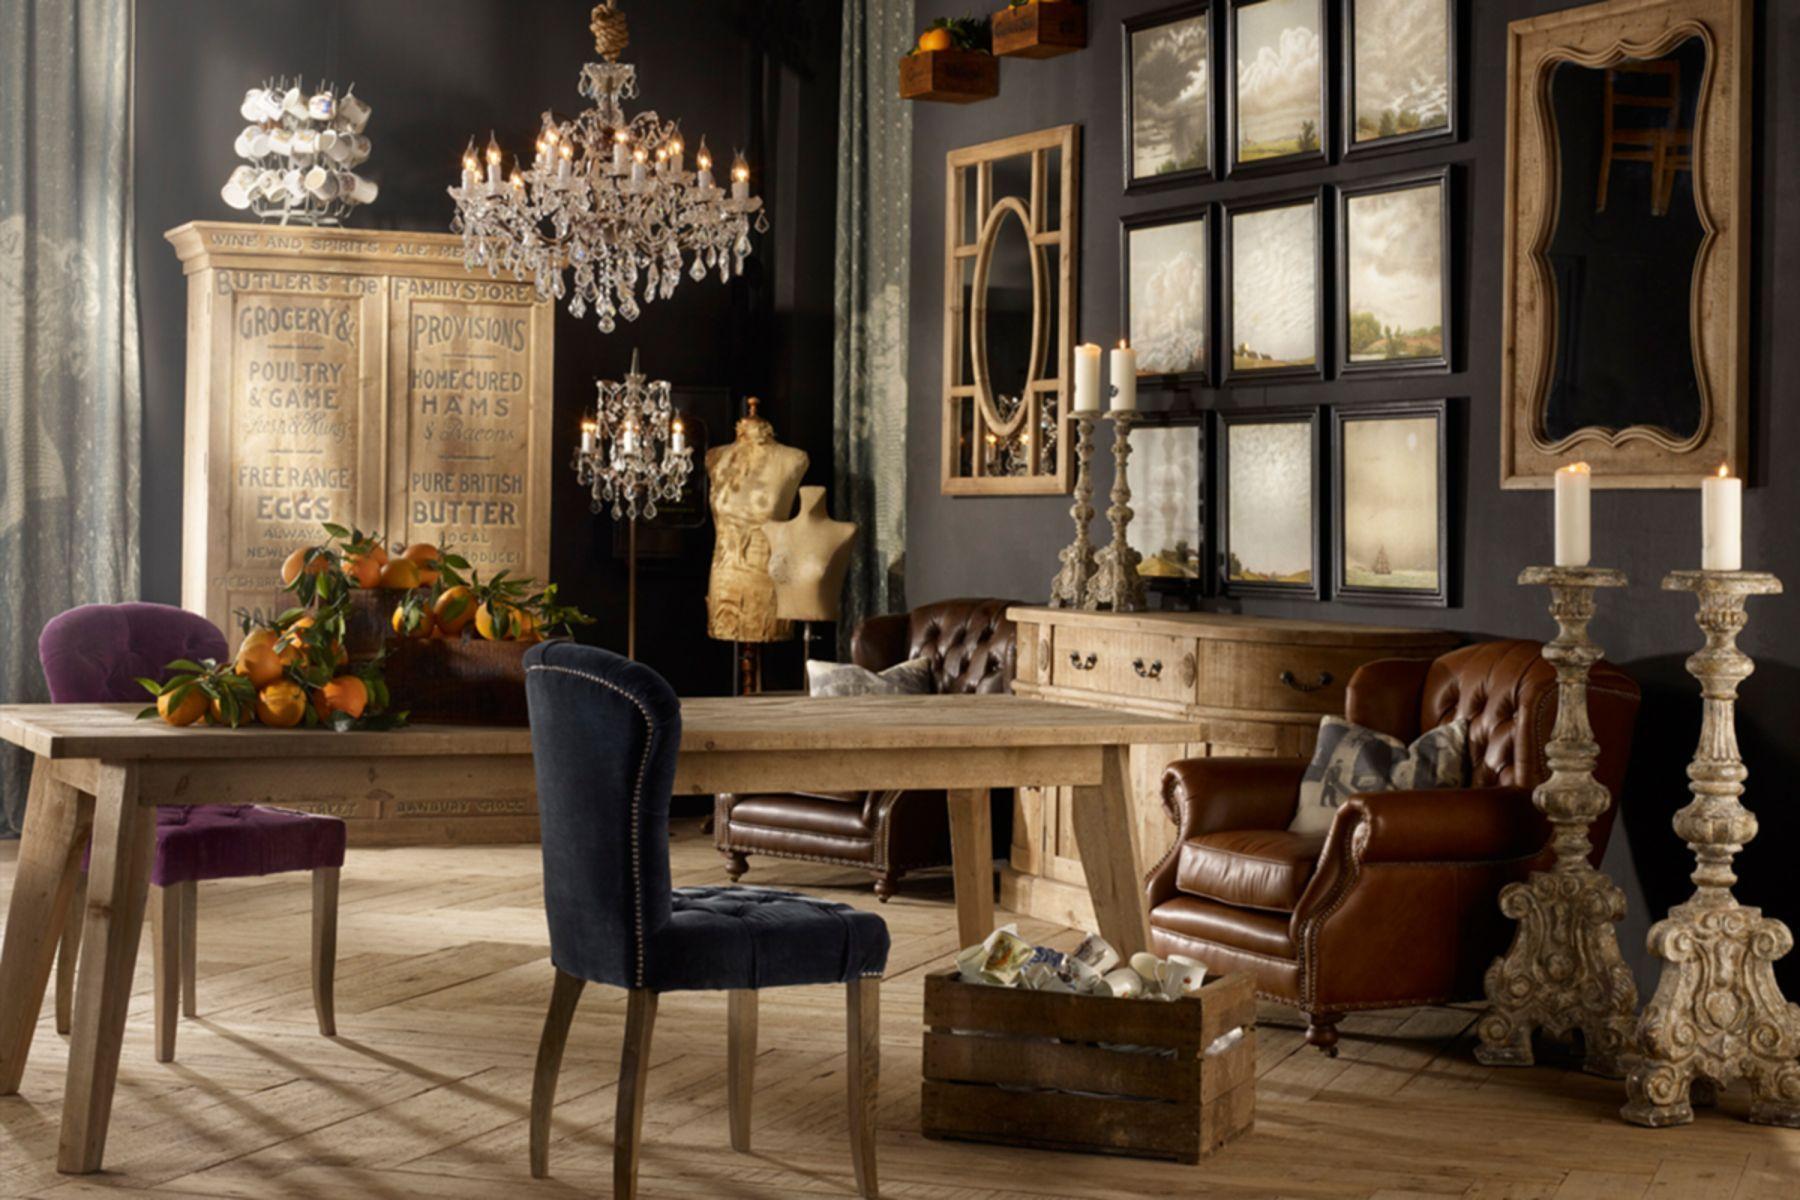 8 Most Unique Vintage Living Room Design Ideas For Your Remodel Living Room Vintage Living Room Design Vintage Living Room Interior Design Vintage living room design